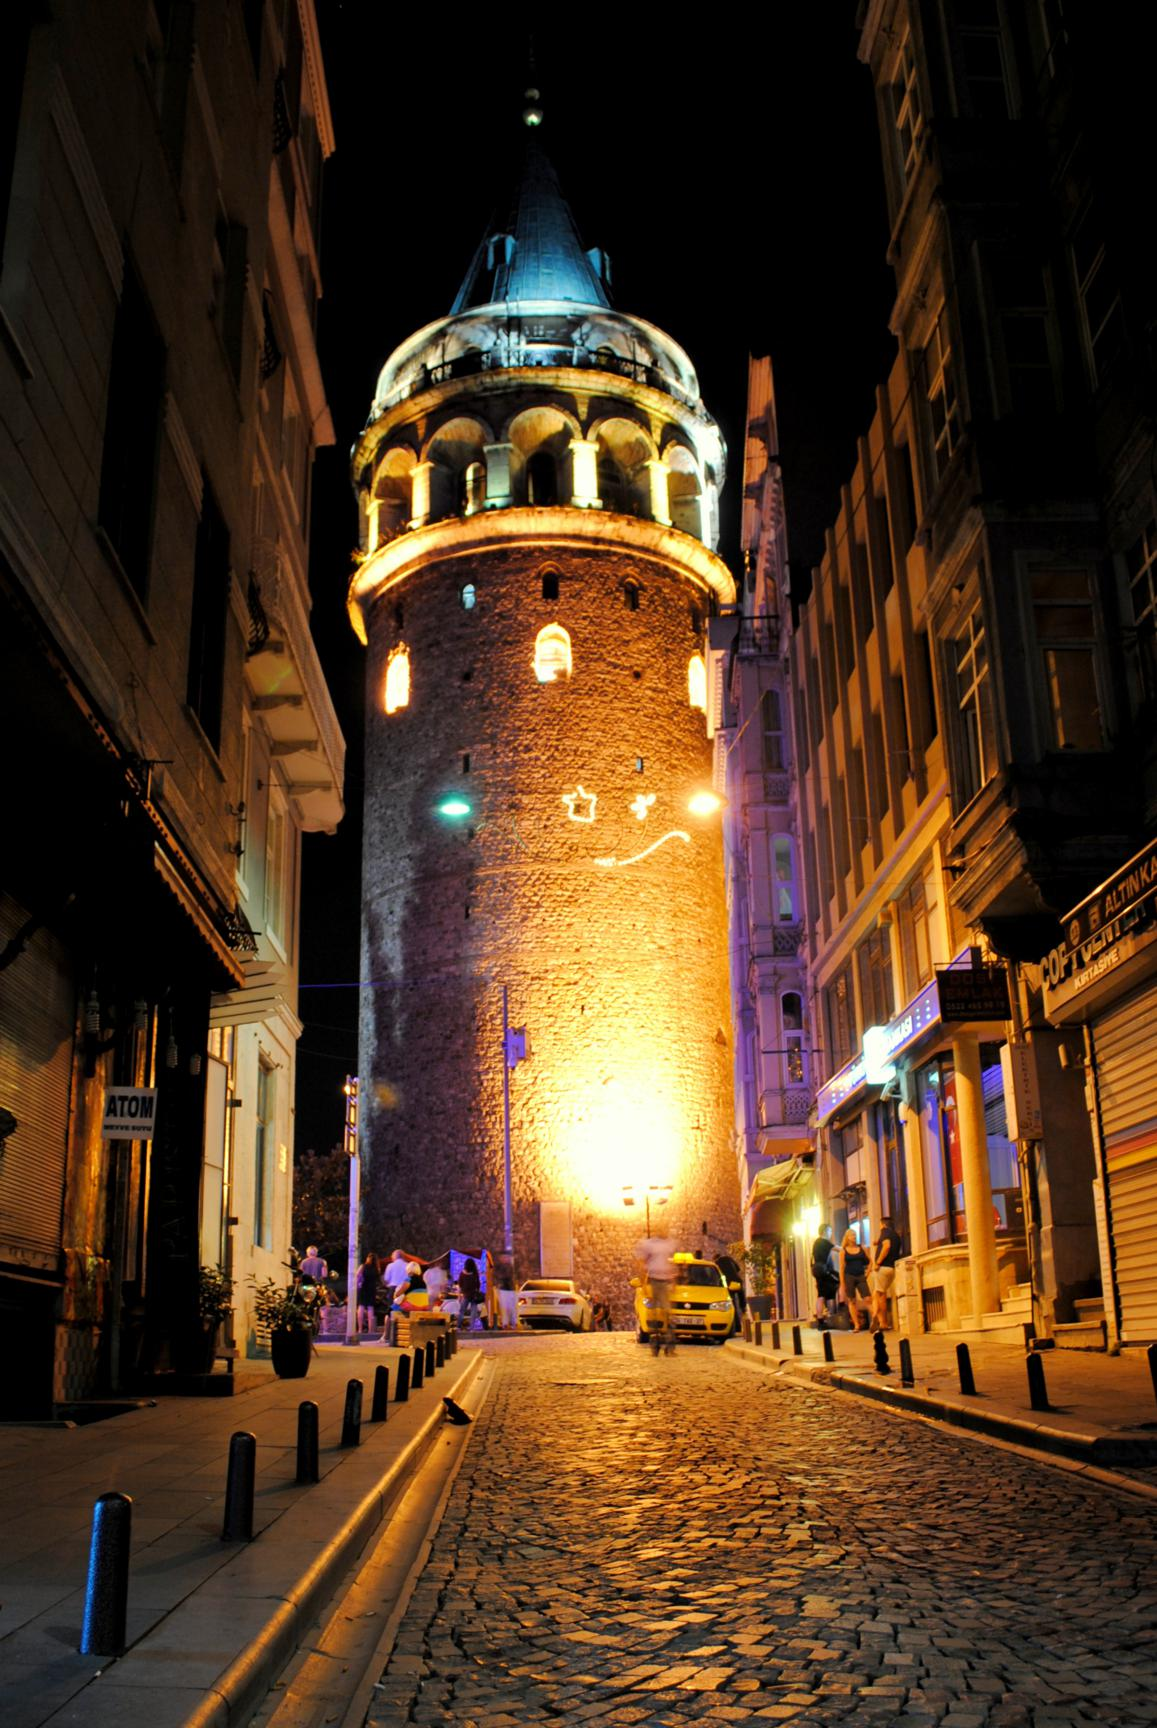 torre-galata-noche-1